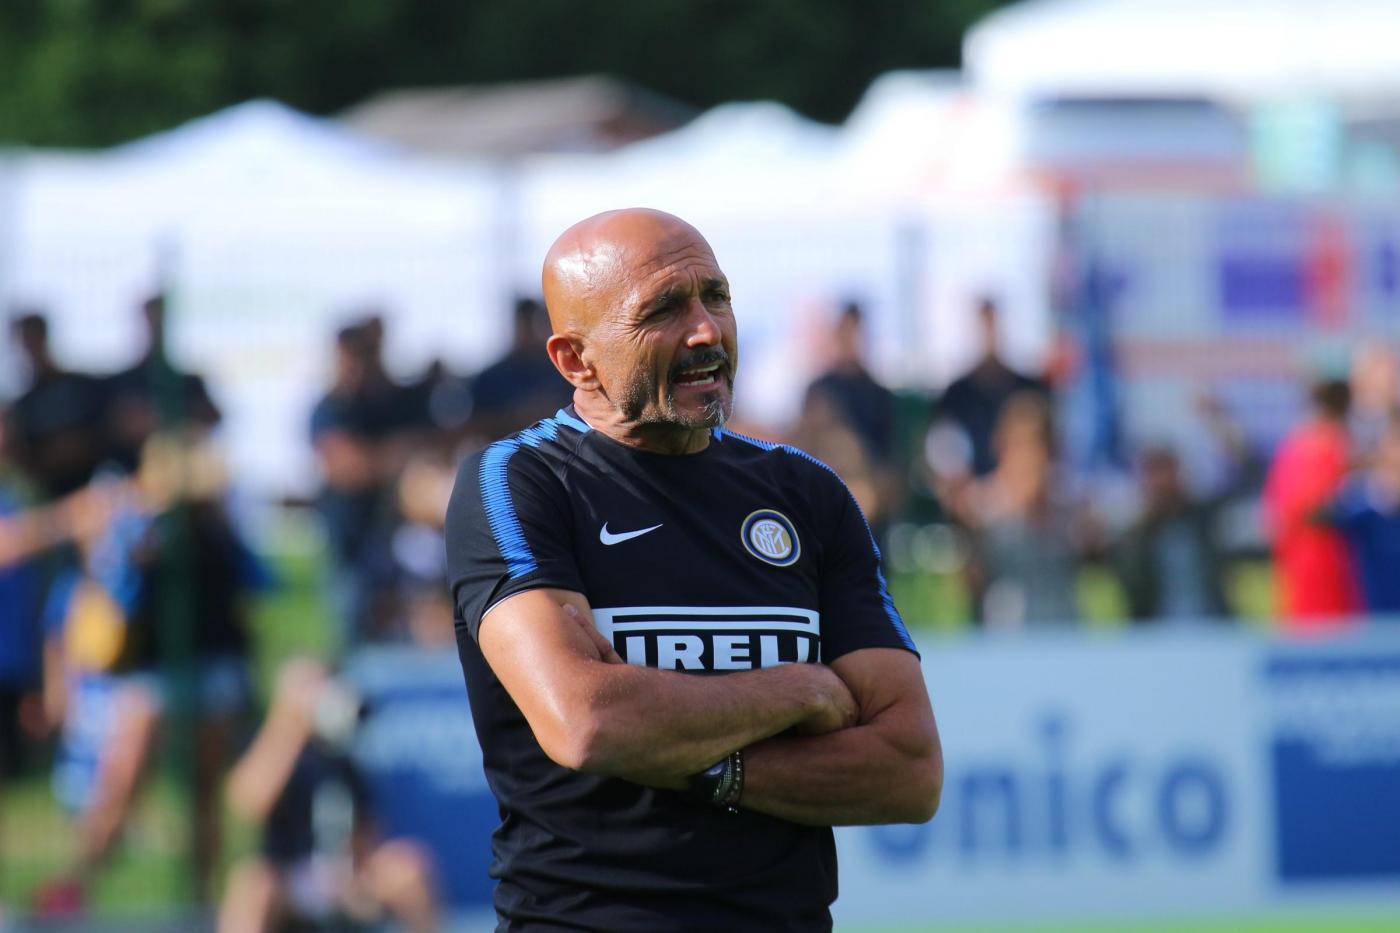 Calciomercato Inter: Avanti tutta su Vecino, c'è l'accordo col giocatore